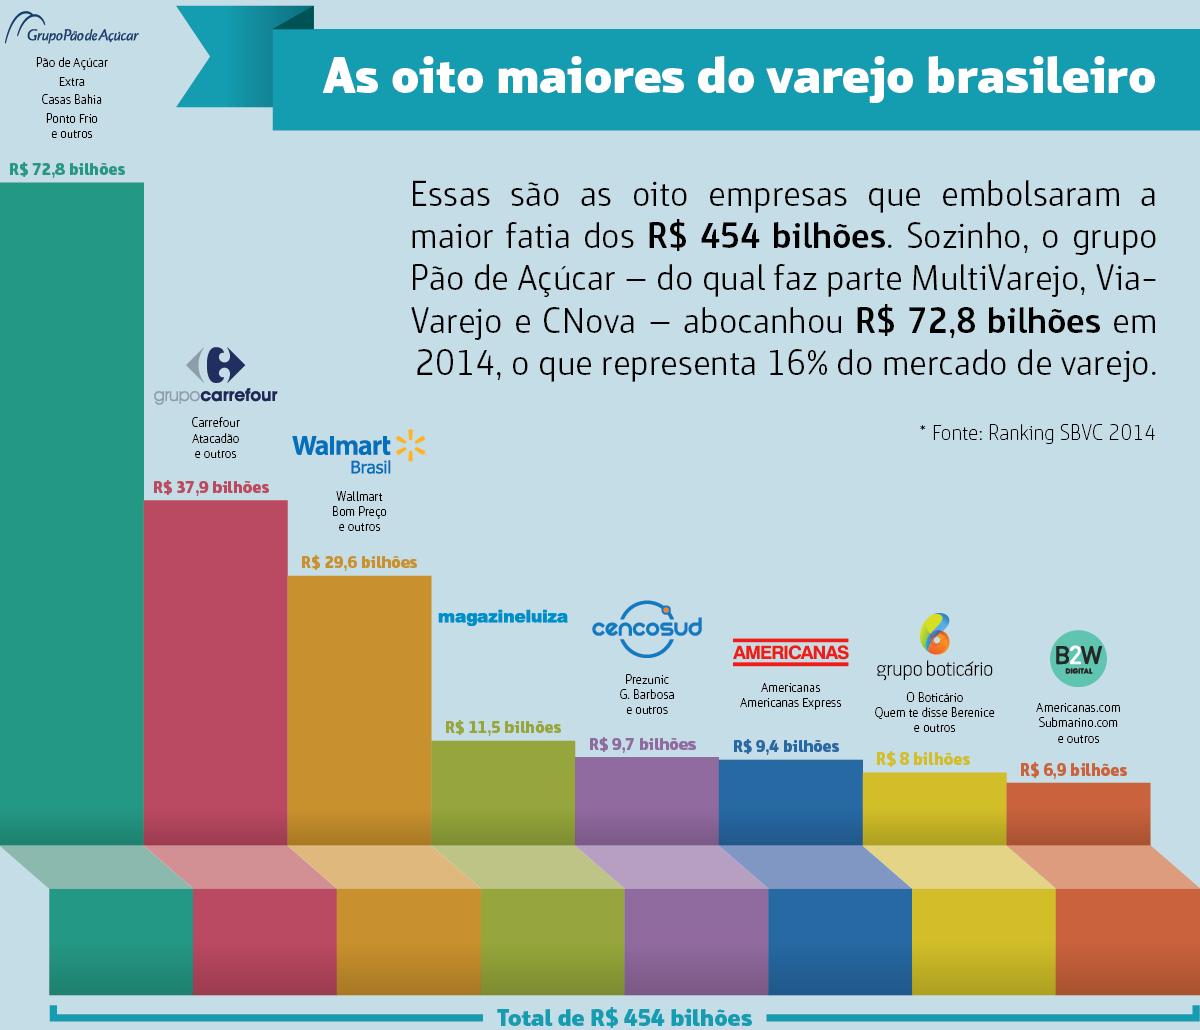 Infografico_Adaptado_As-8-maiores-do-Varejo-Brasileiro